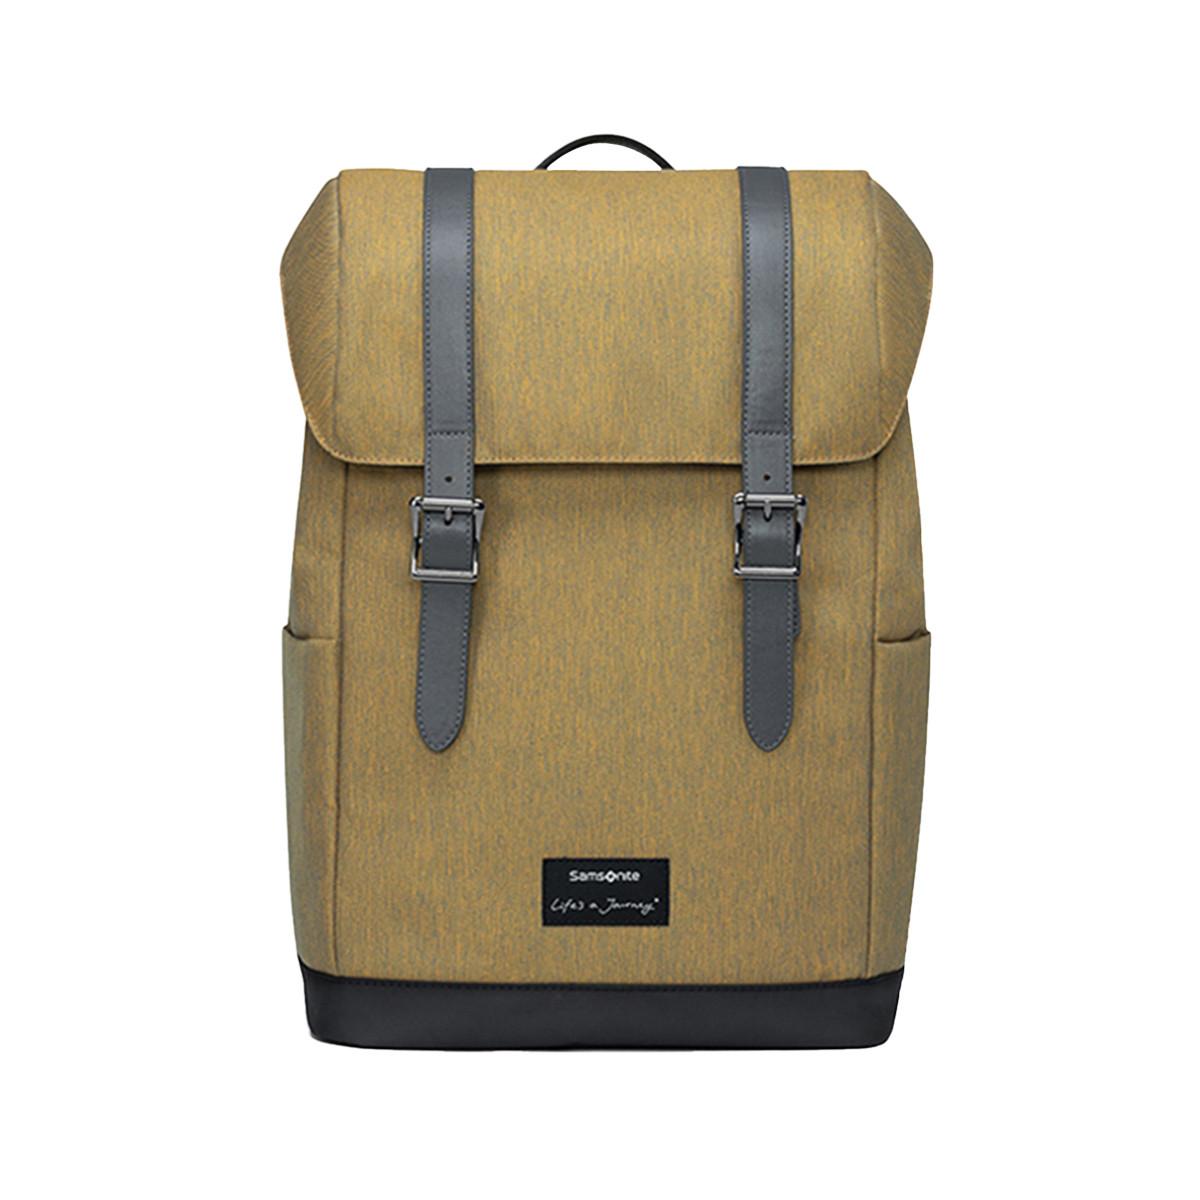 Samsonite Samsonite/新秀丽工装背包大容量翻盖双肩包学院风校园书包TT1101